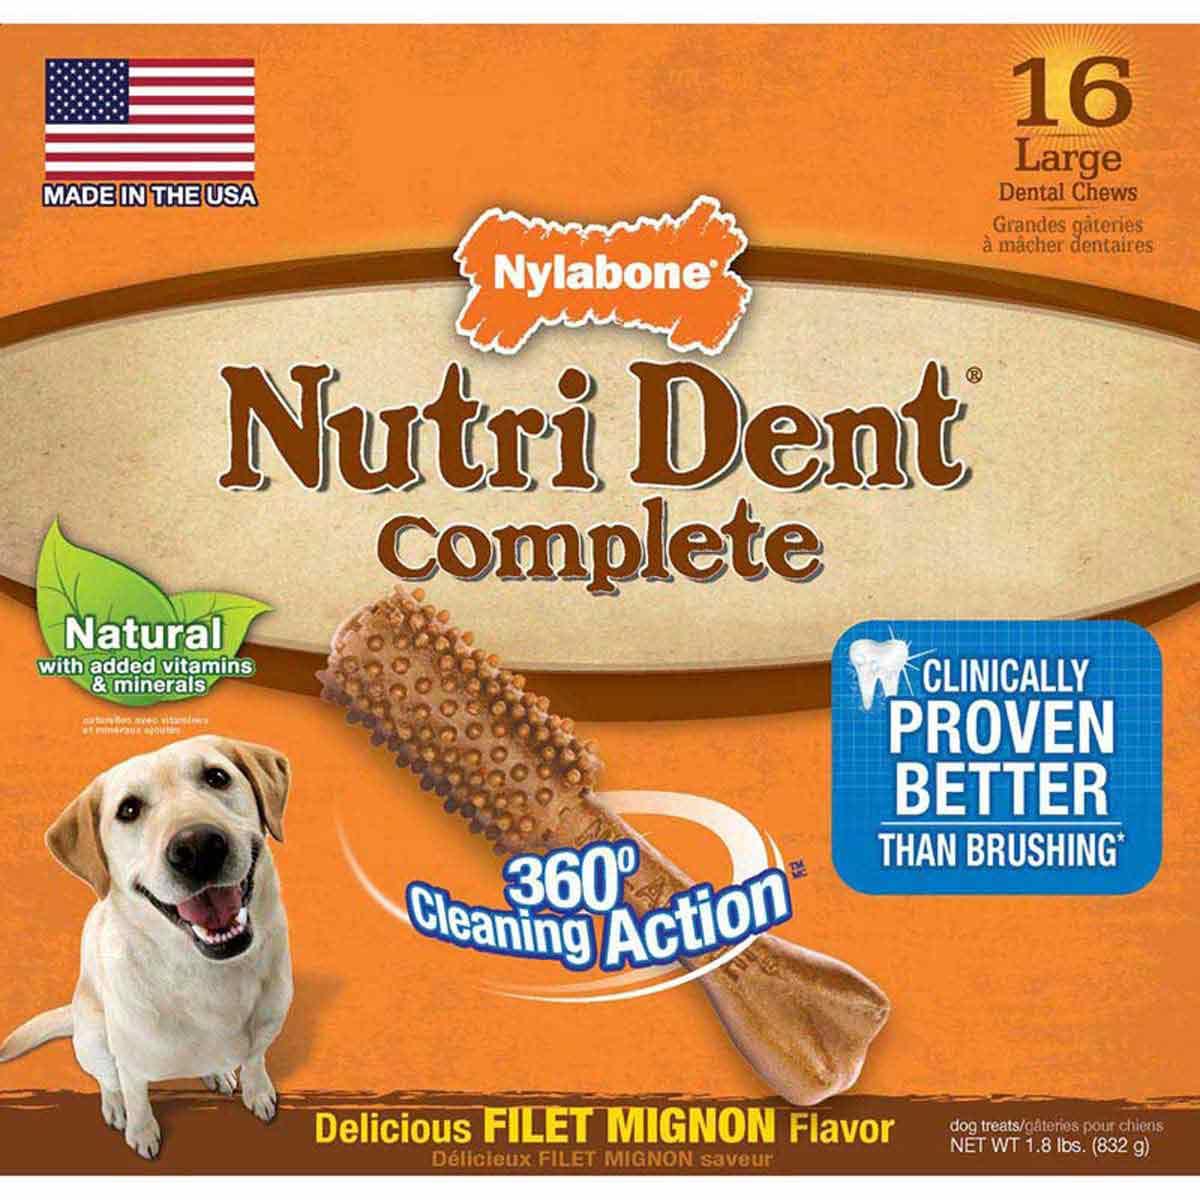 Nylabone Nutri Dent Filet Mignon Flavor - Large Pantry Pack 16 Count